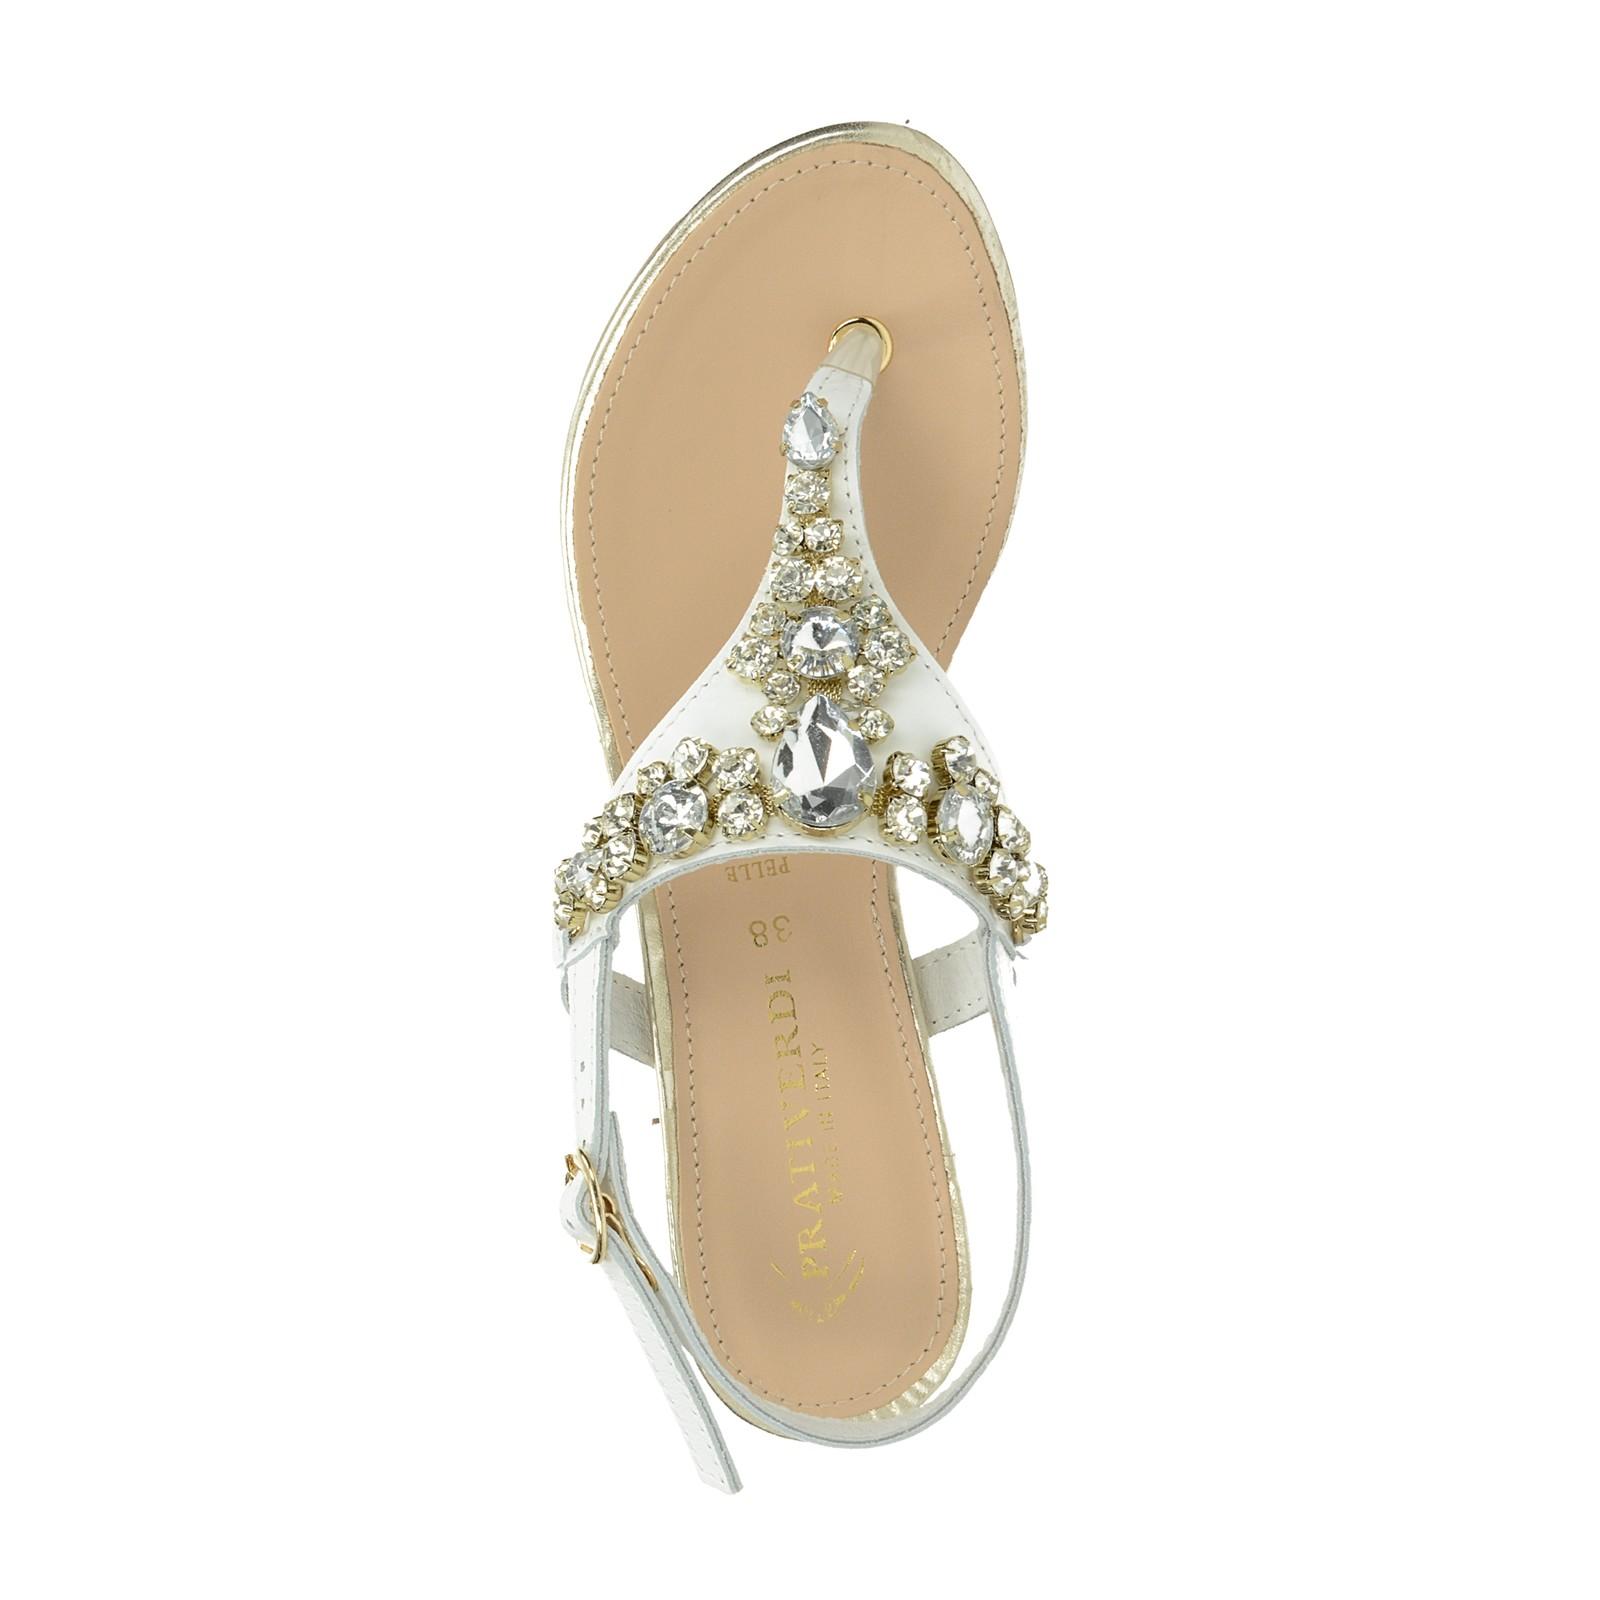 4b121e1422bec Prativerdi dámske elegantné sandále s ozdobnými kamienkami - biele ...